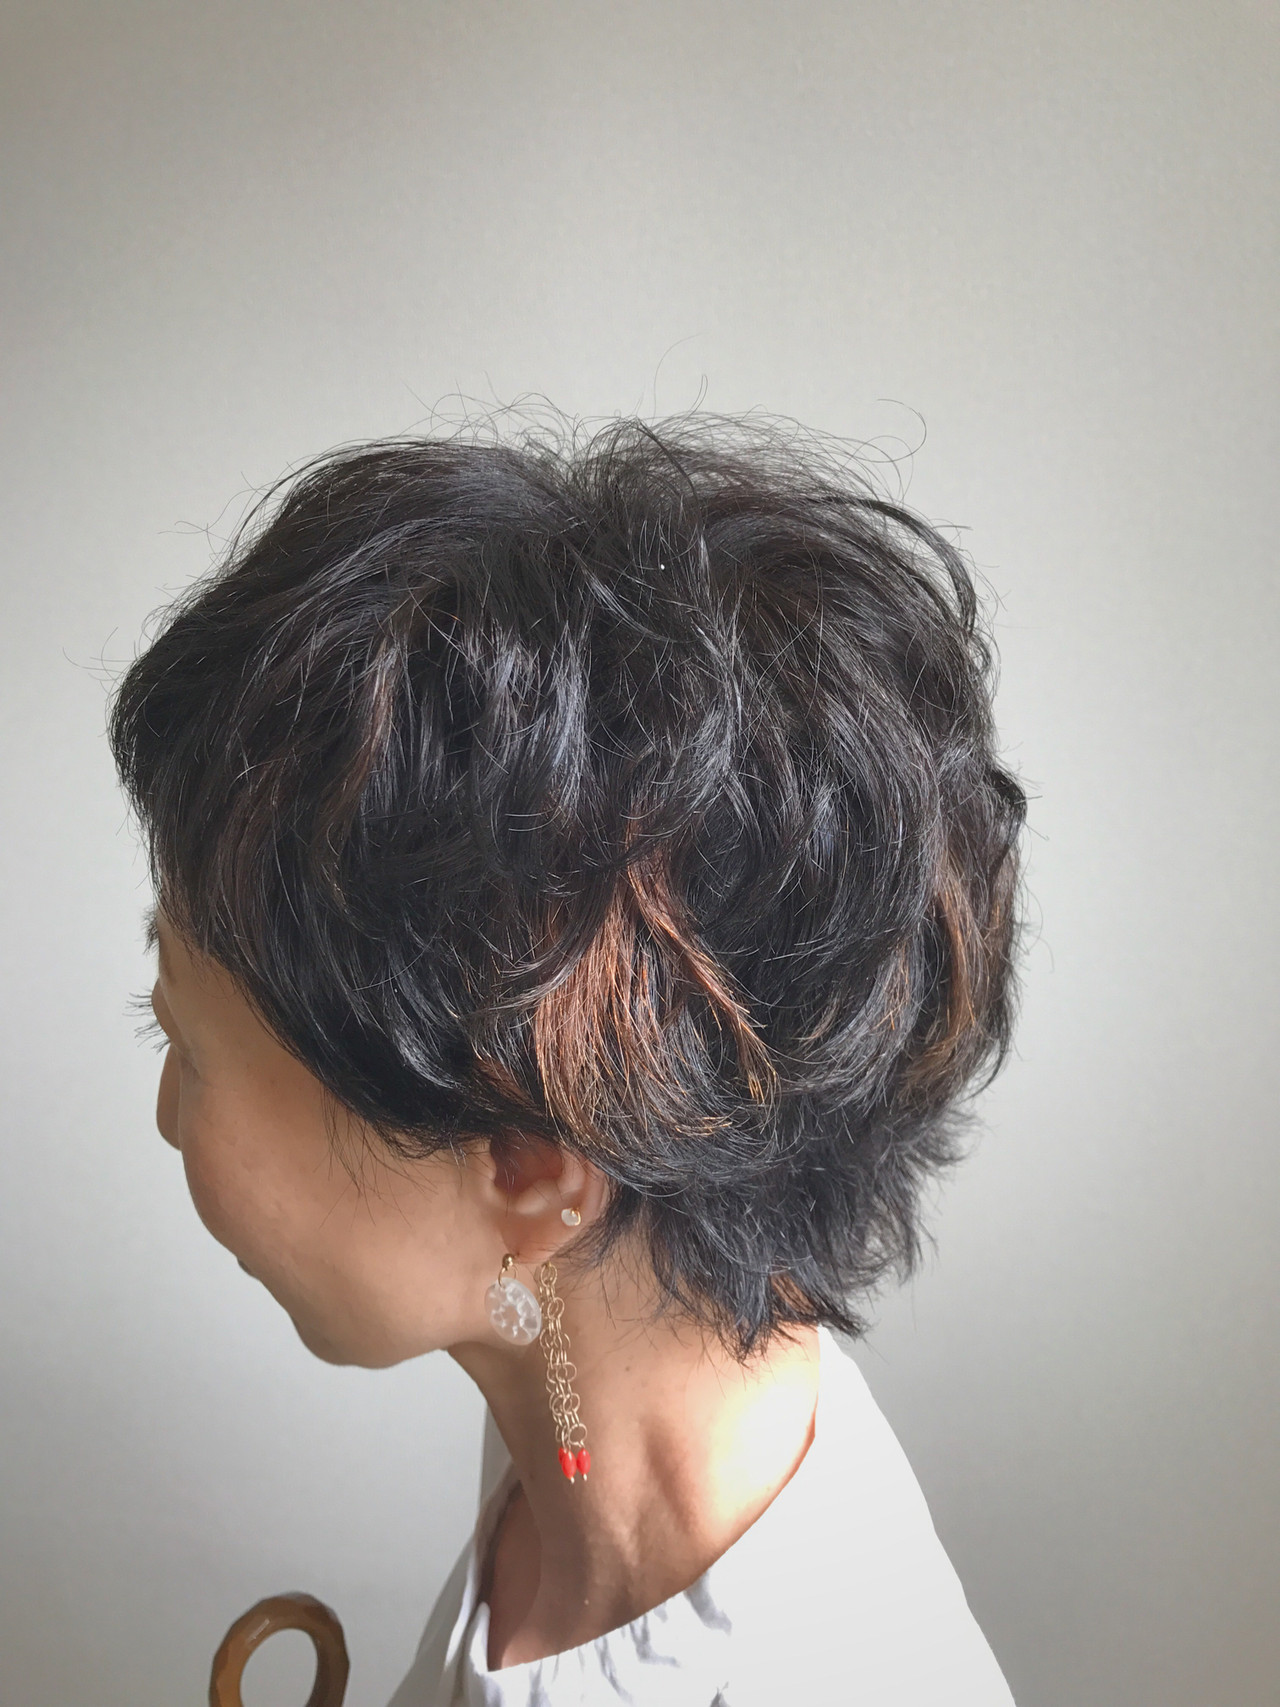 ゆるふわパーマ ストリート パーマ ショート ヘアスタイルや髪型の写真・画像